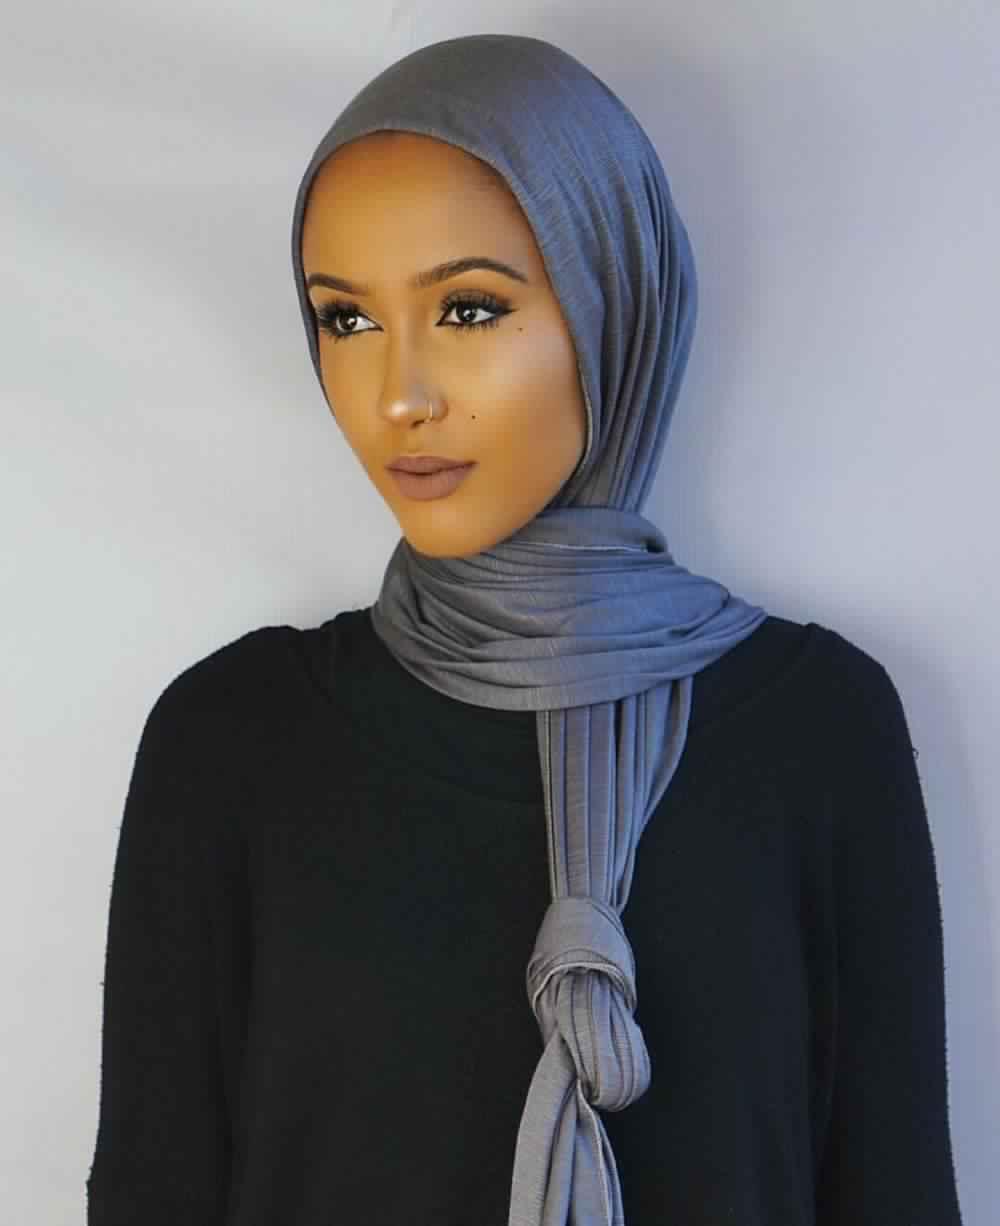 facon-de-hijab-8